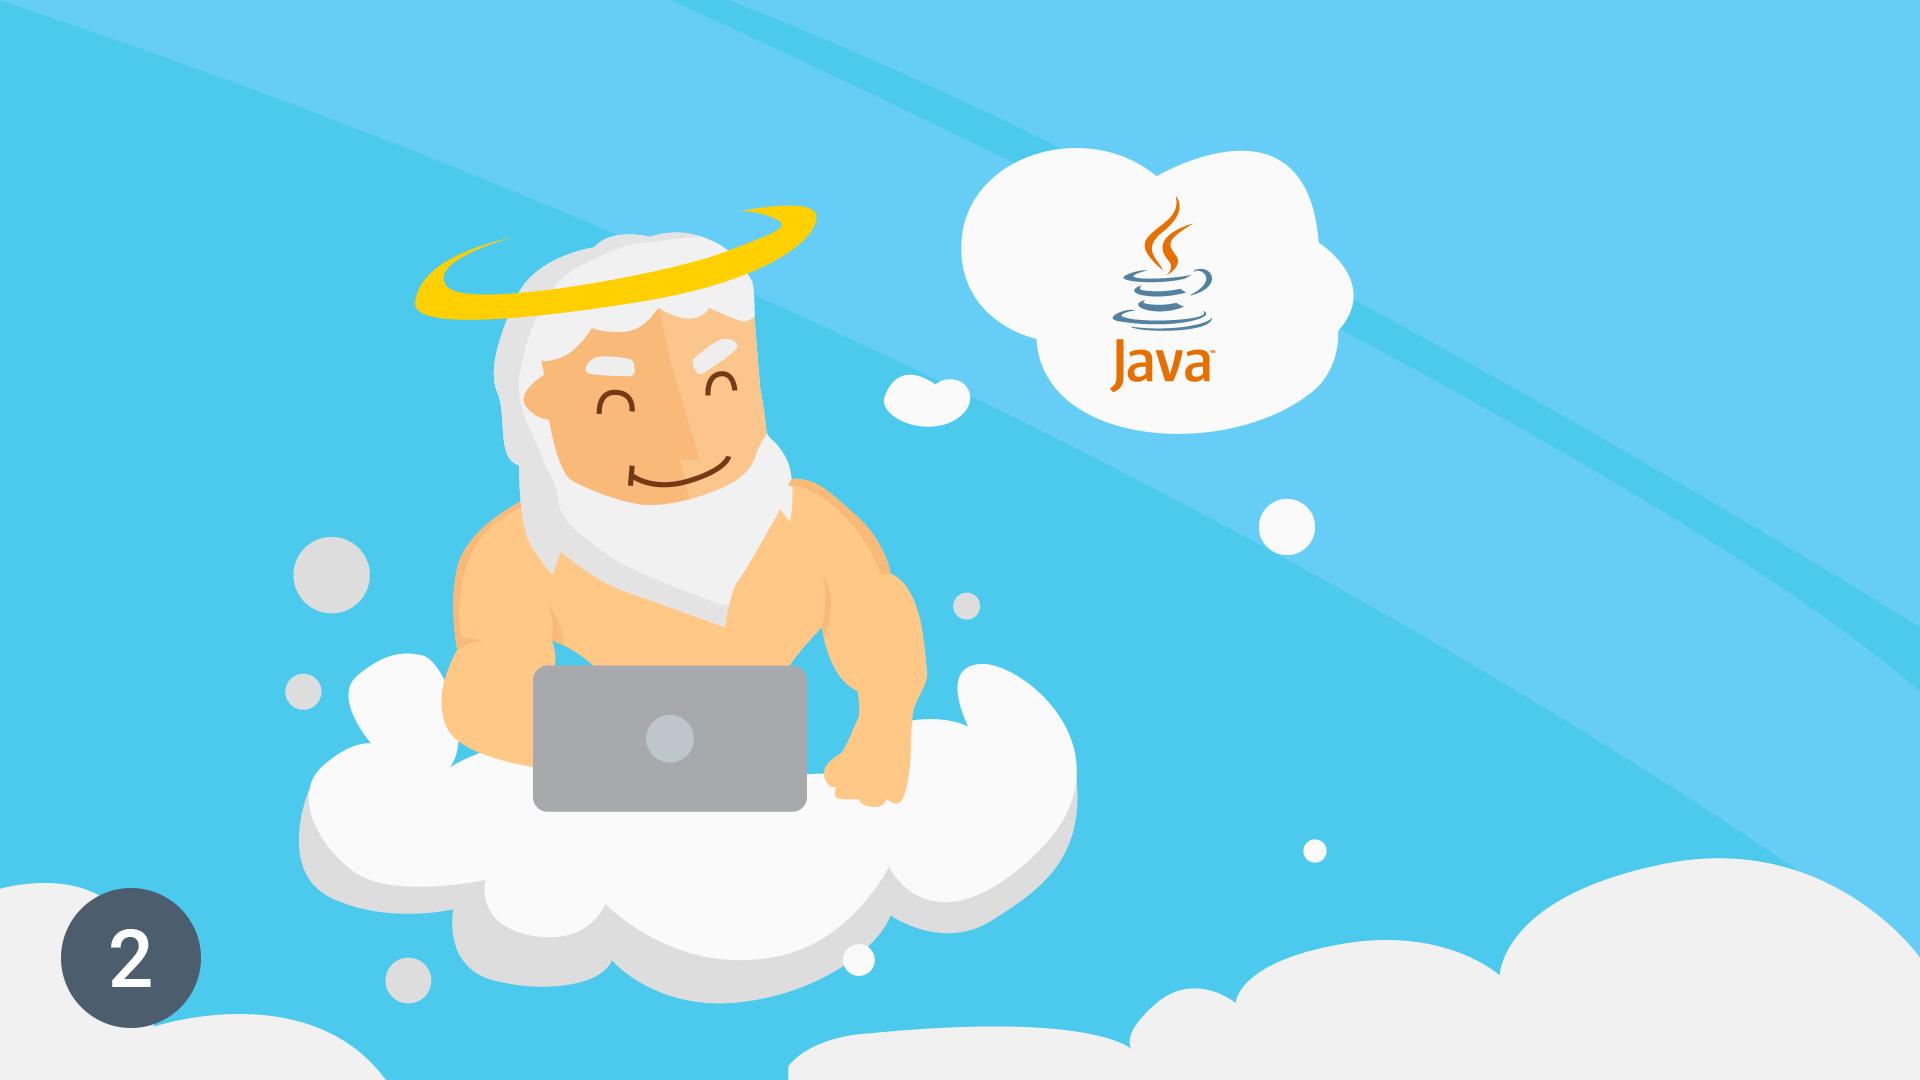 Вебинар Почувствуй себя богом, или Моделирование жизни на Java. Часть II фото